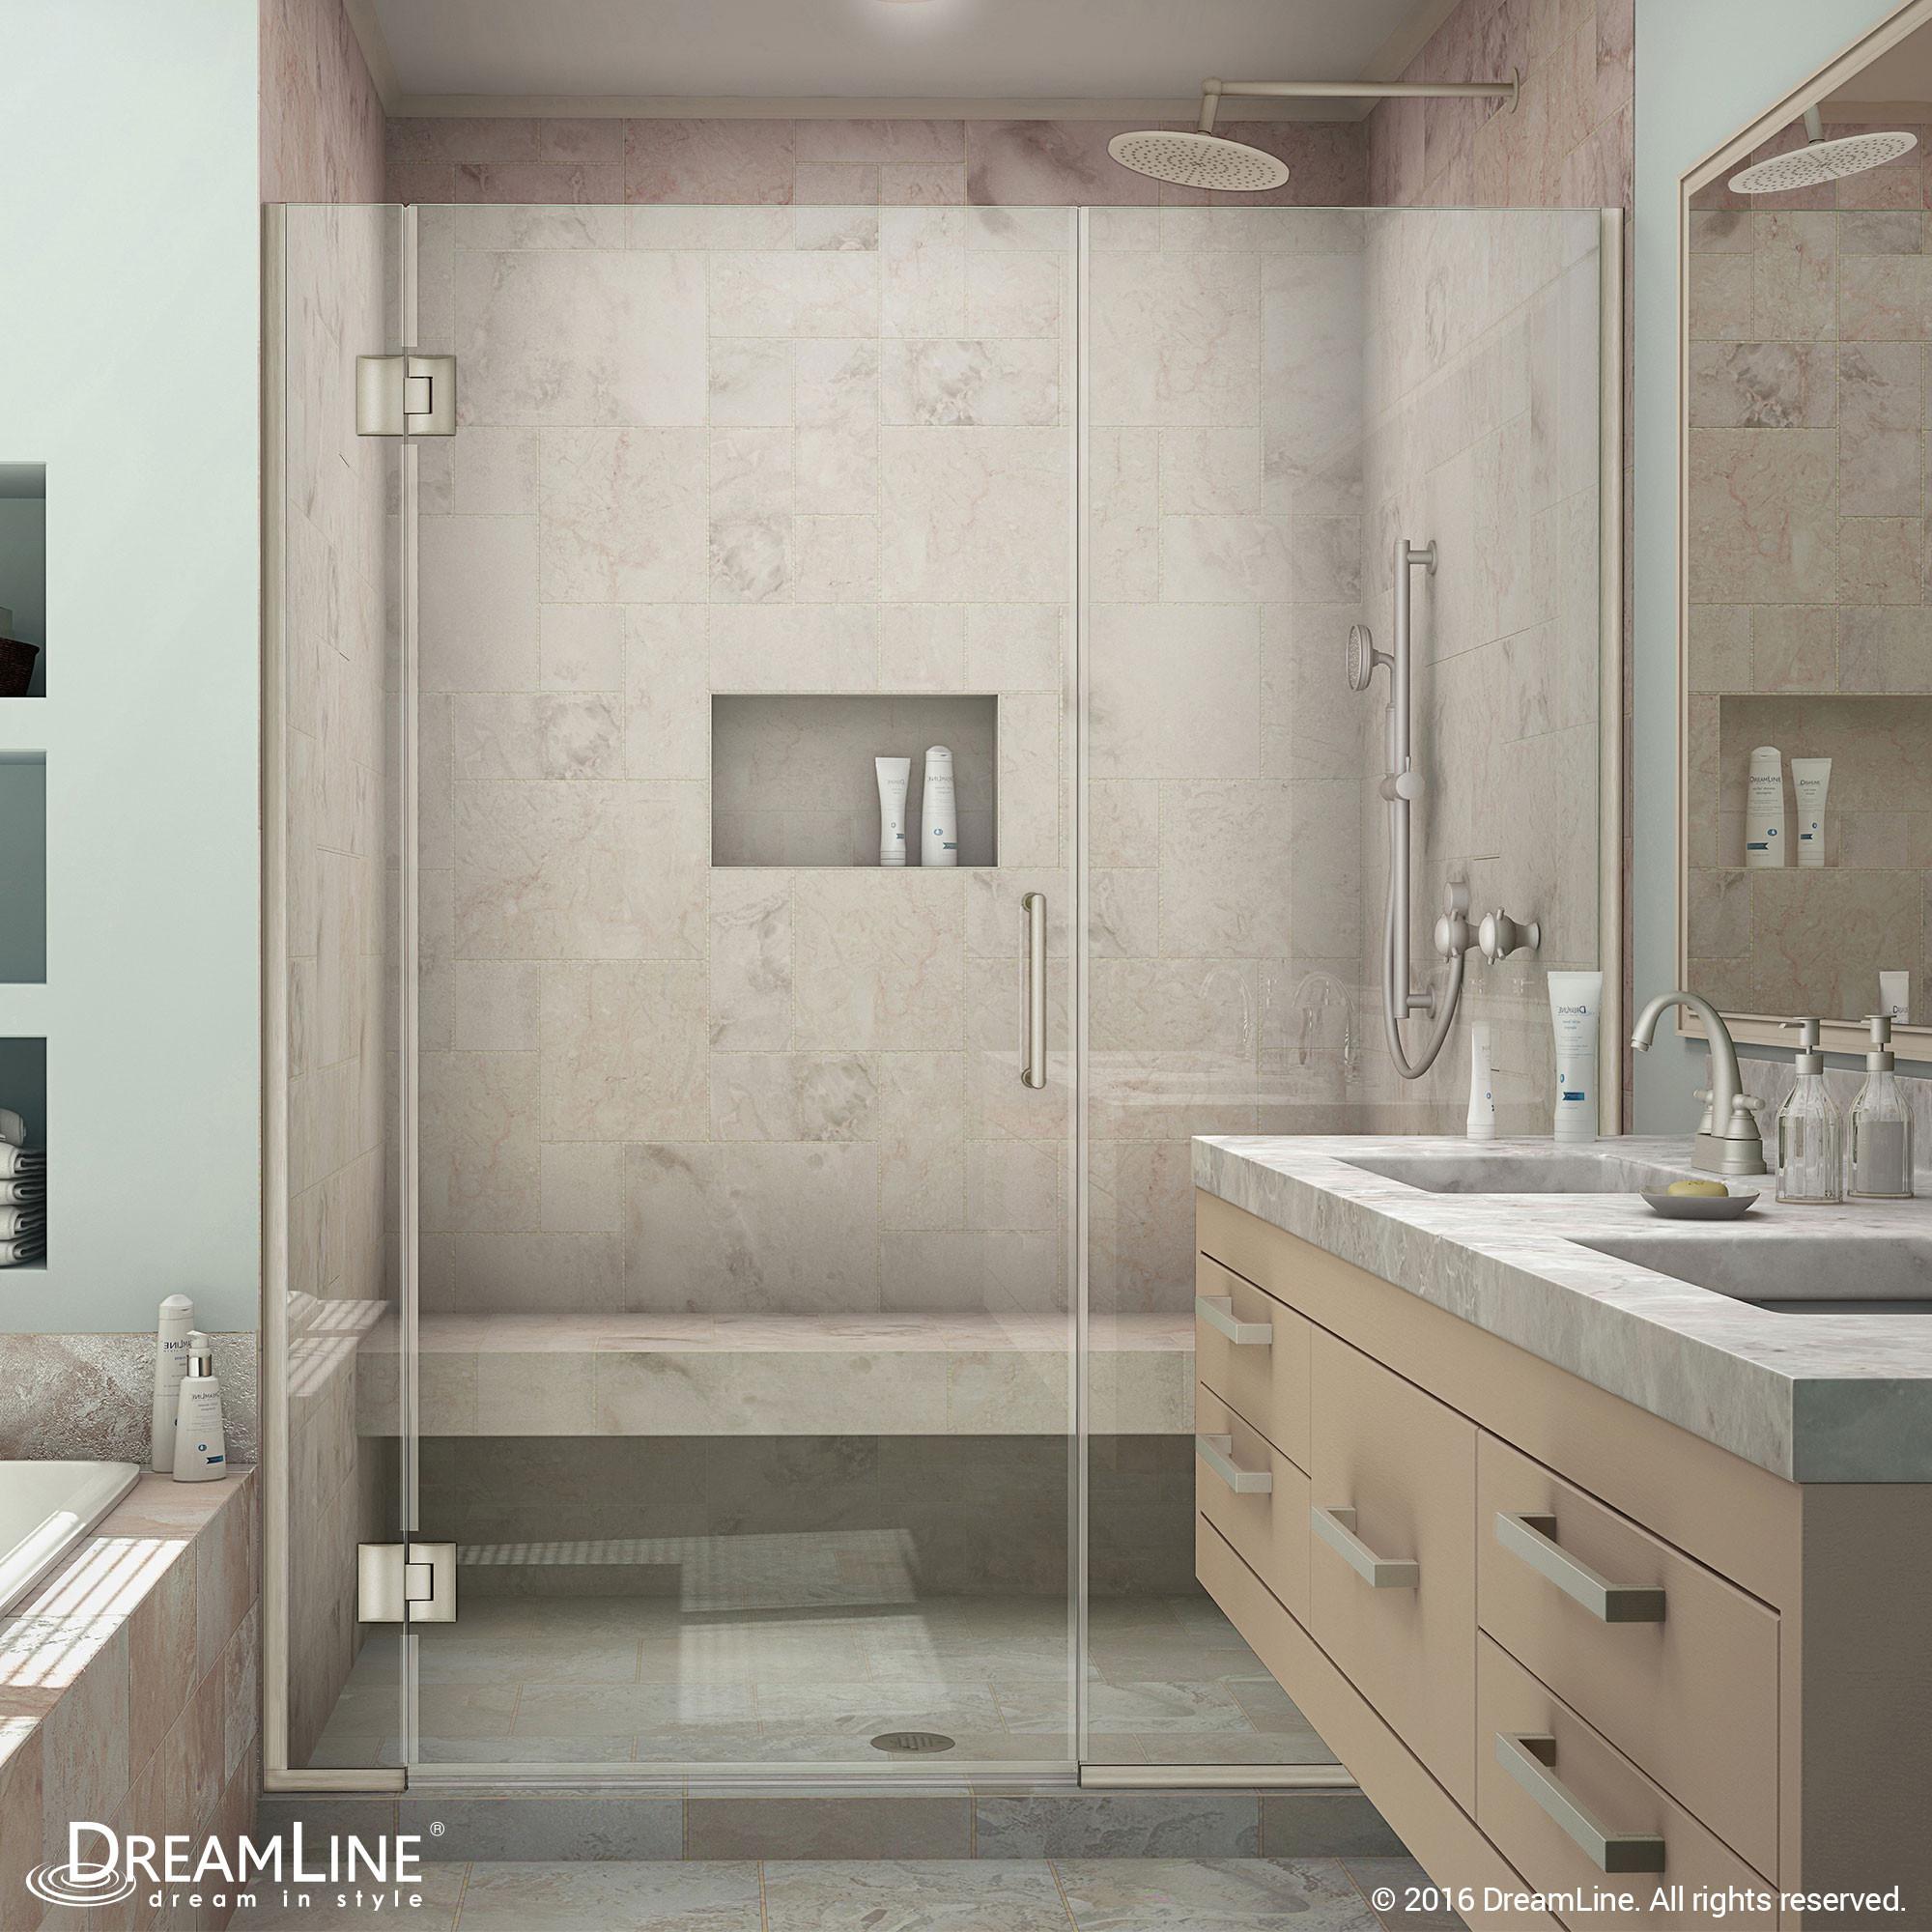 DreamLine D12930572-04 Brushed Nickel Unidoor-X 65 1/2 - 66 in. W x 72 in. H Hinged Shower Door